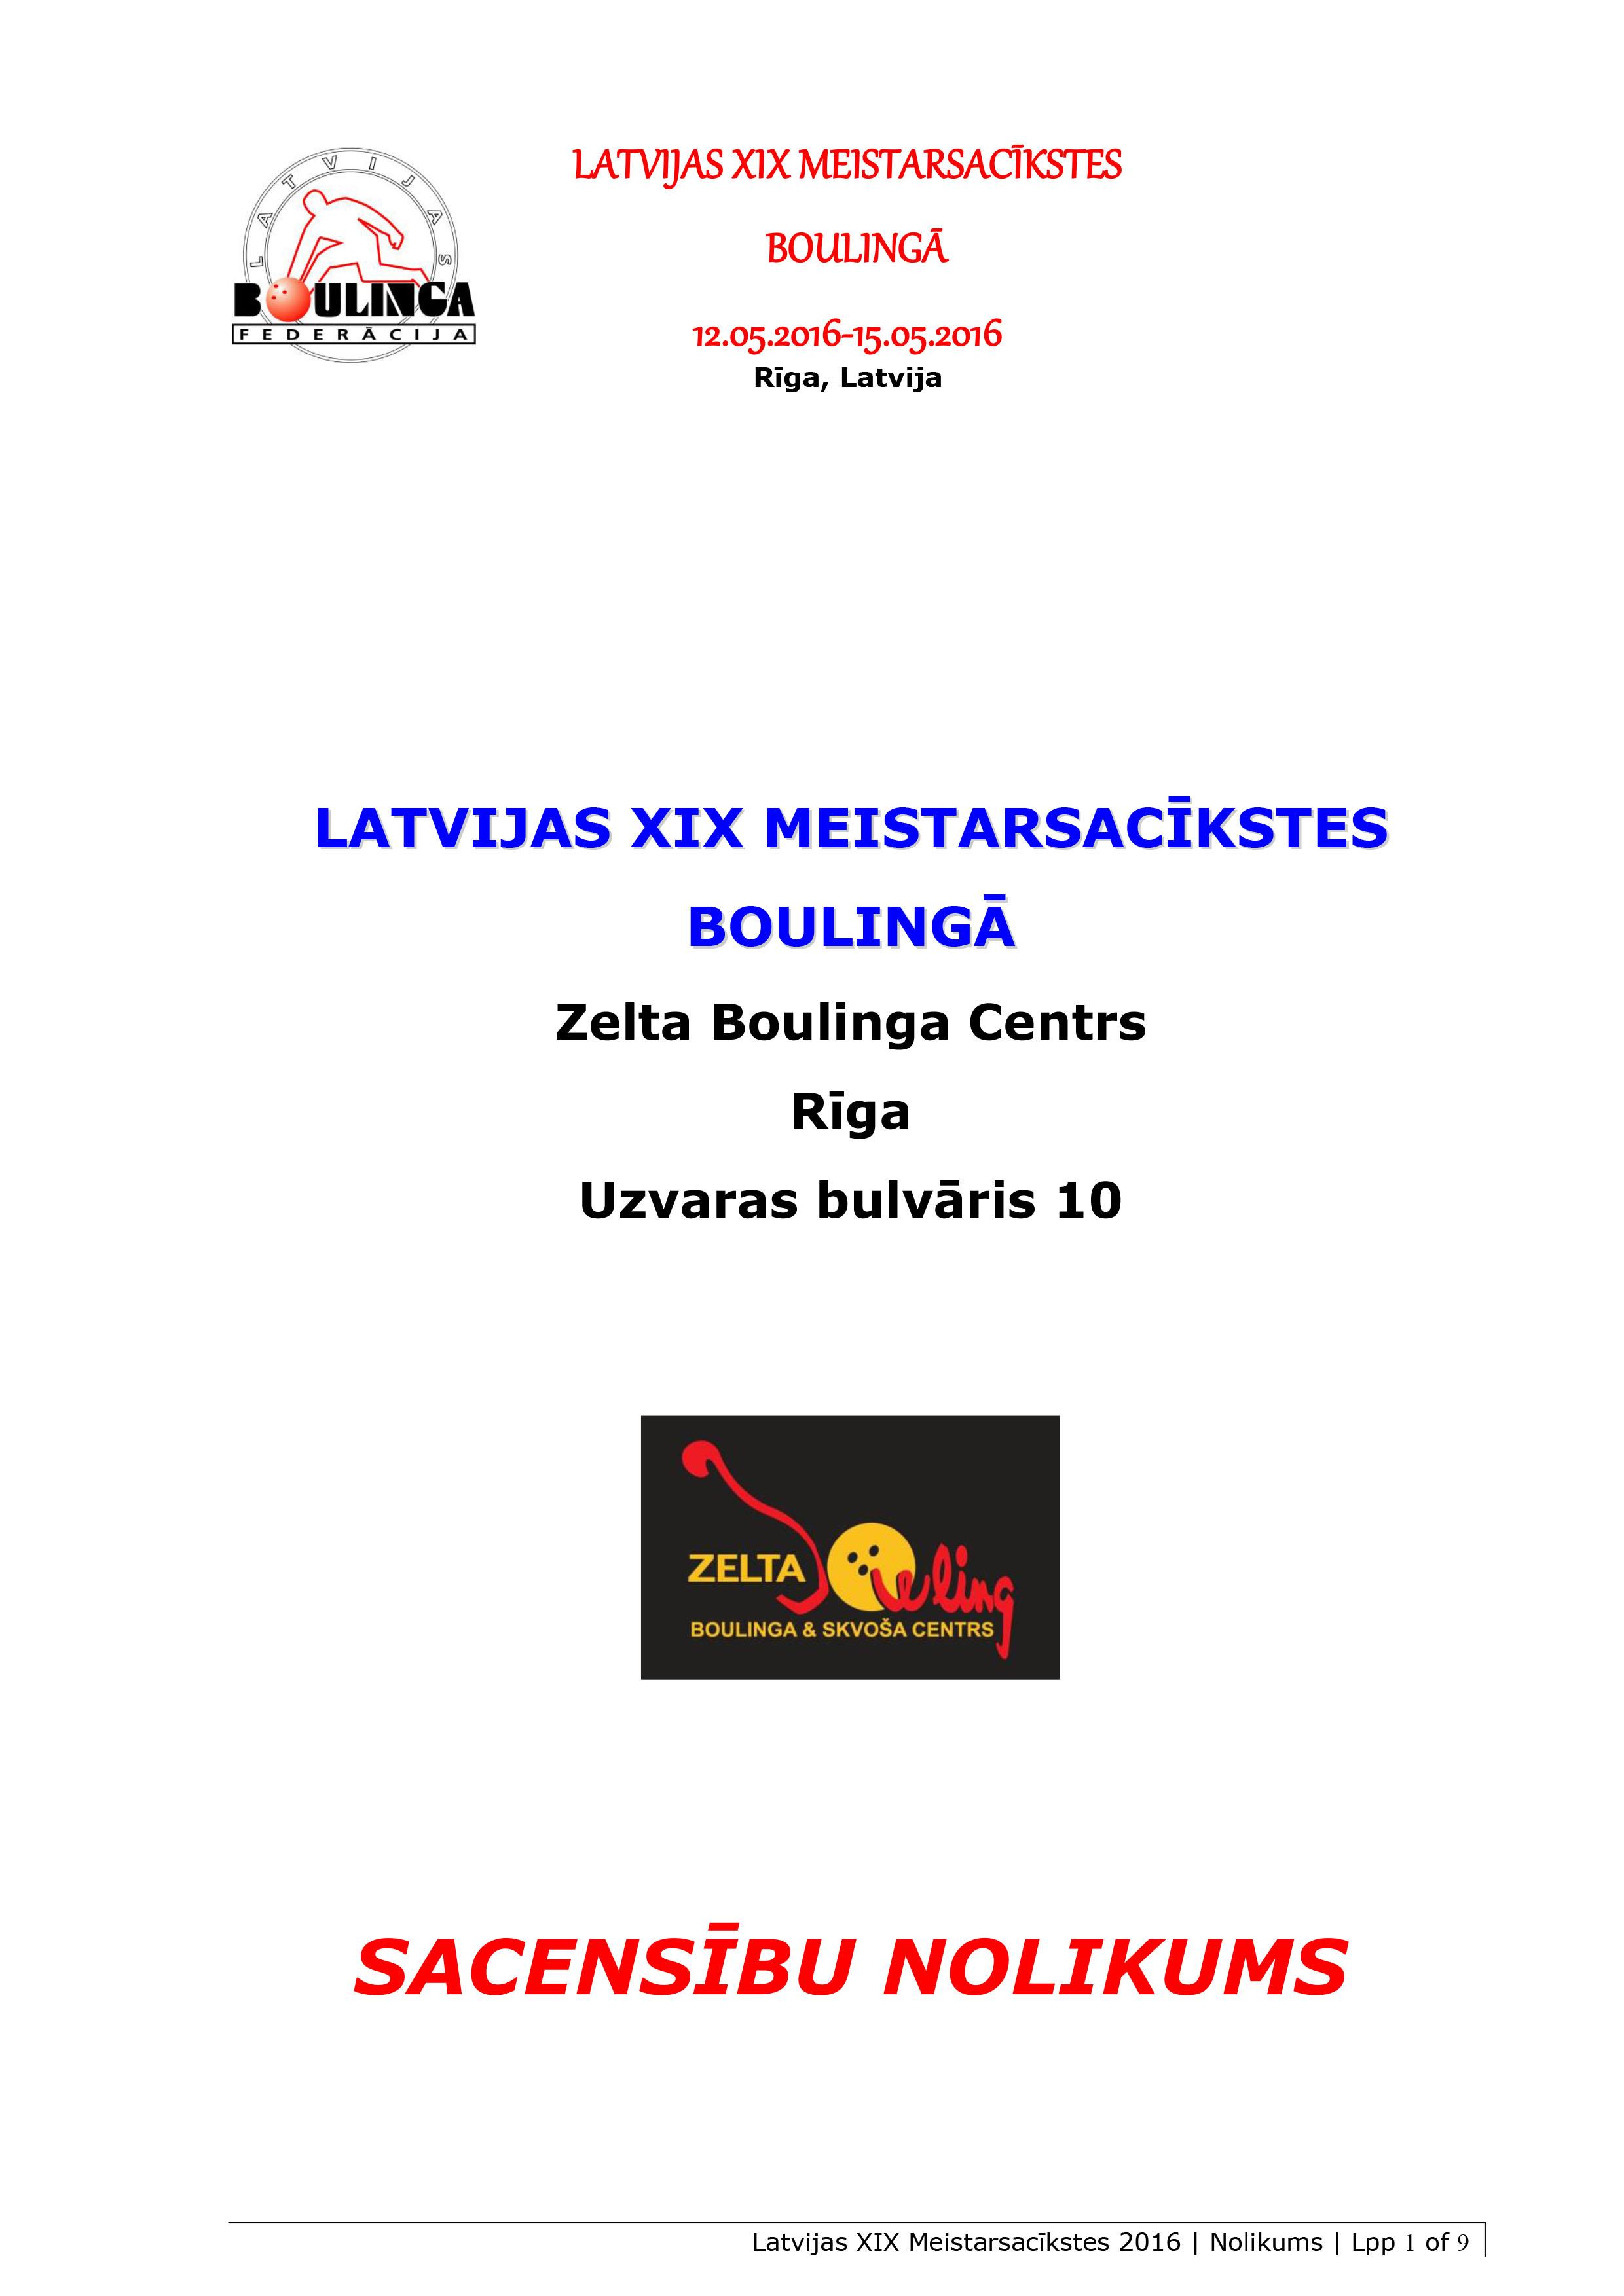 LATVIJAS XIX Ms nolikums 2016 (3)-1.jpg